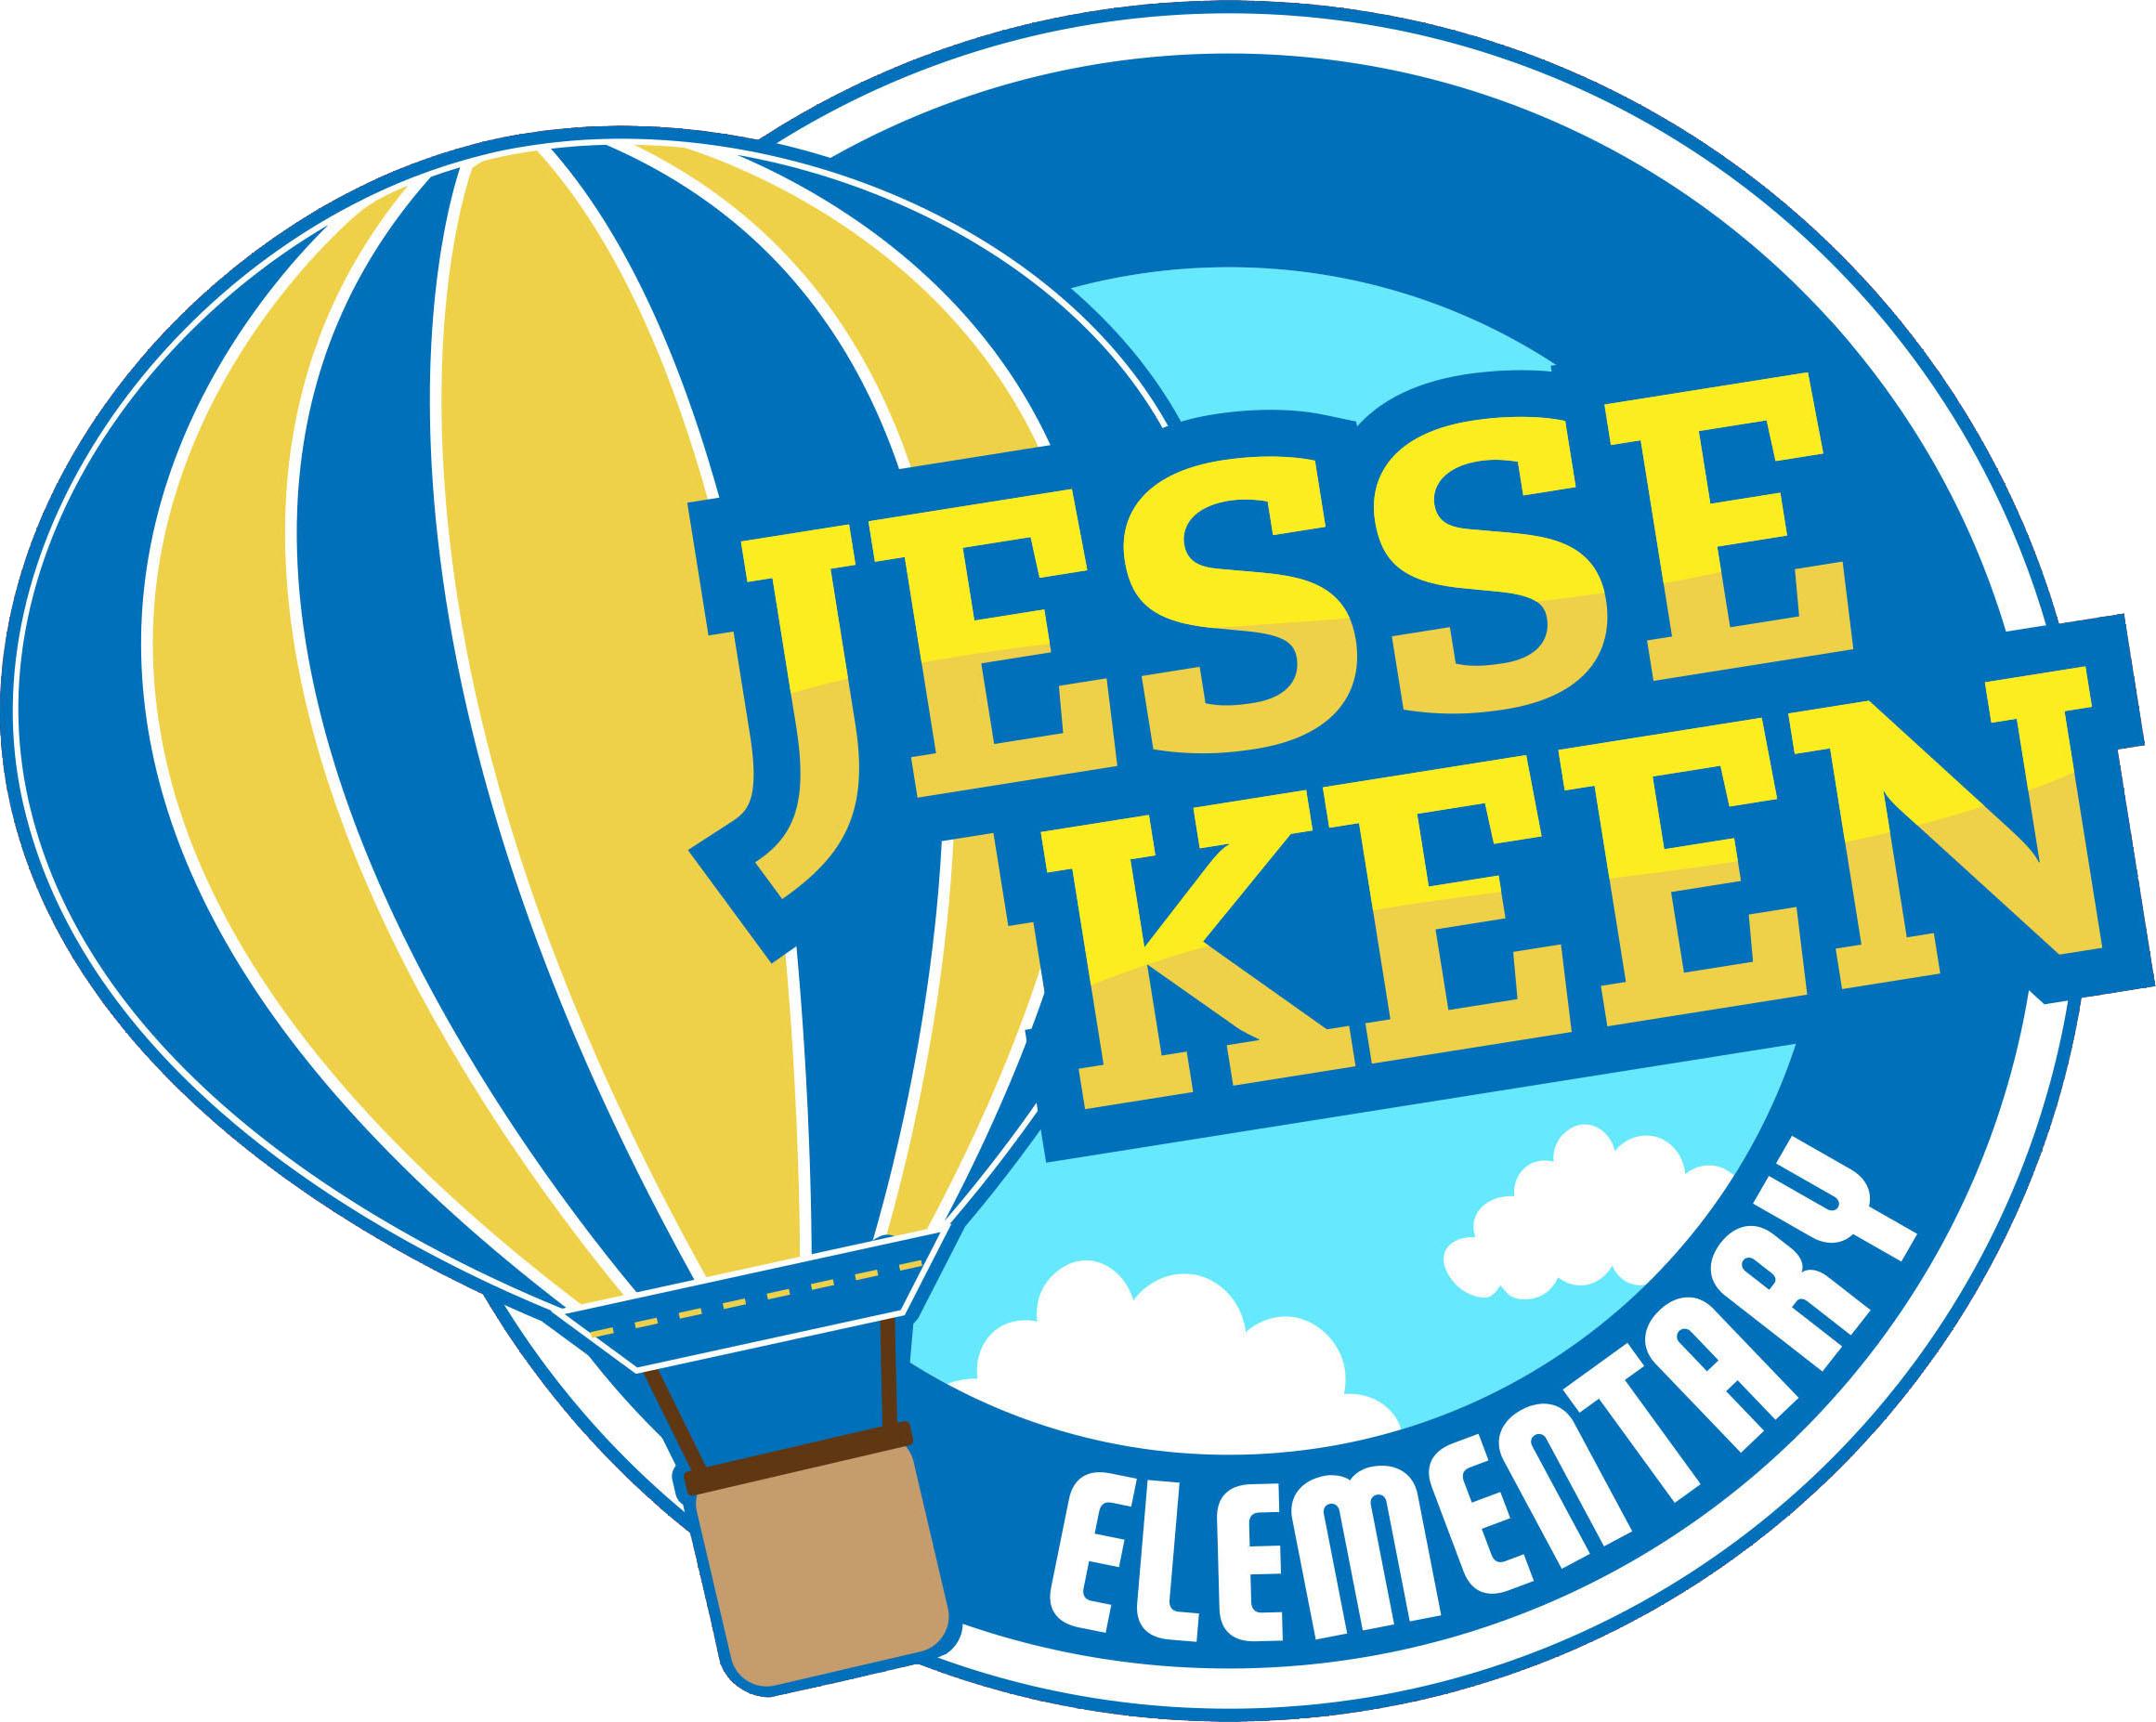 Jesse Keen Elementary